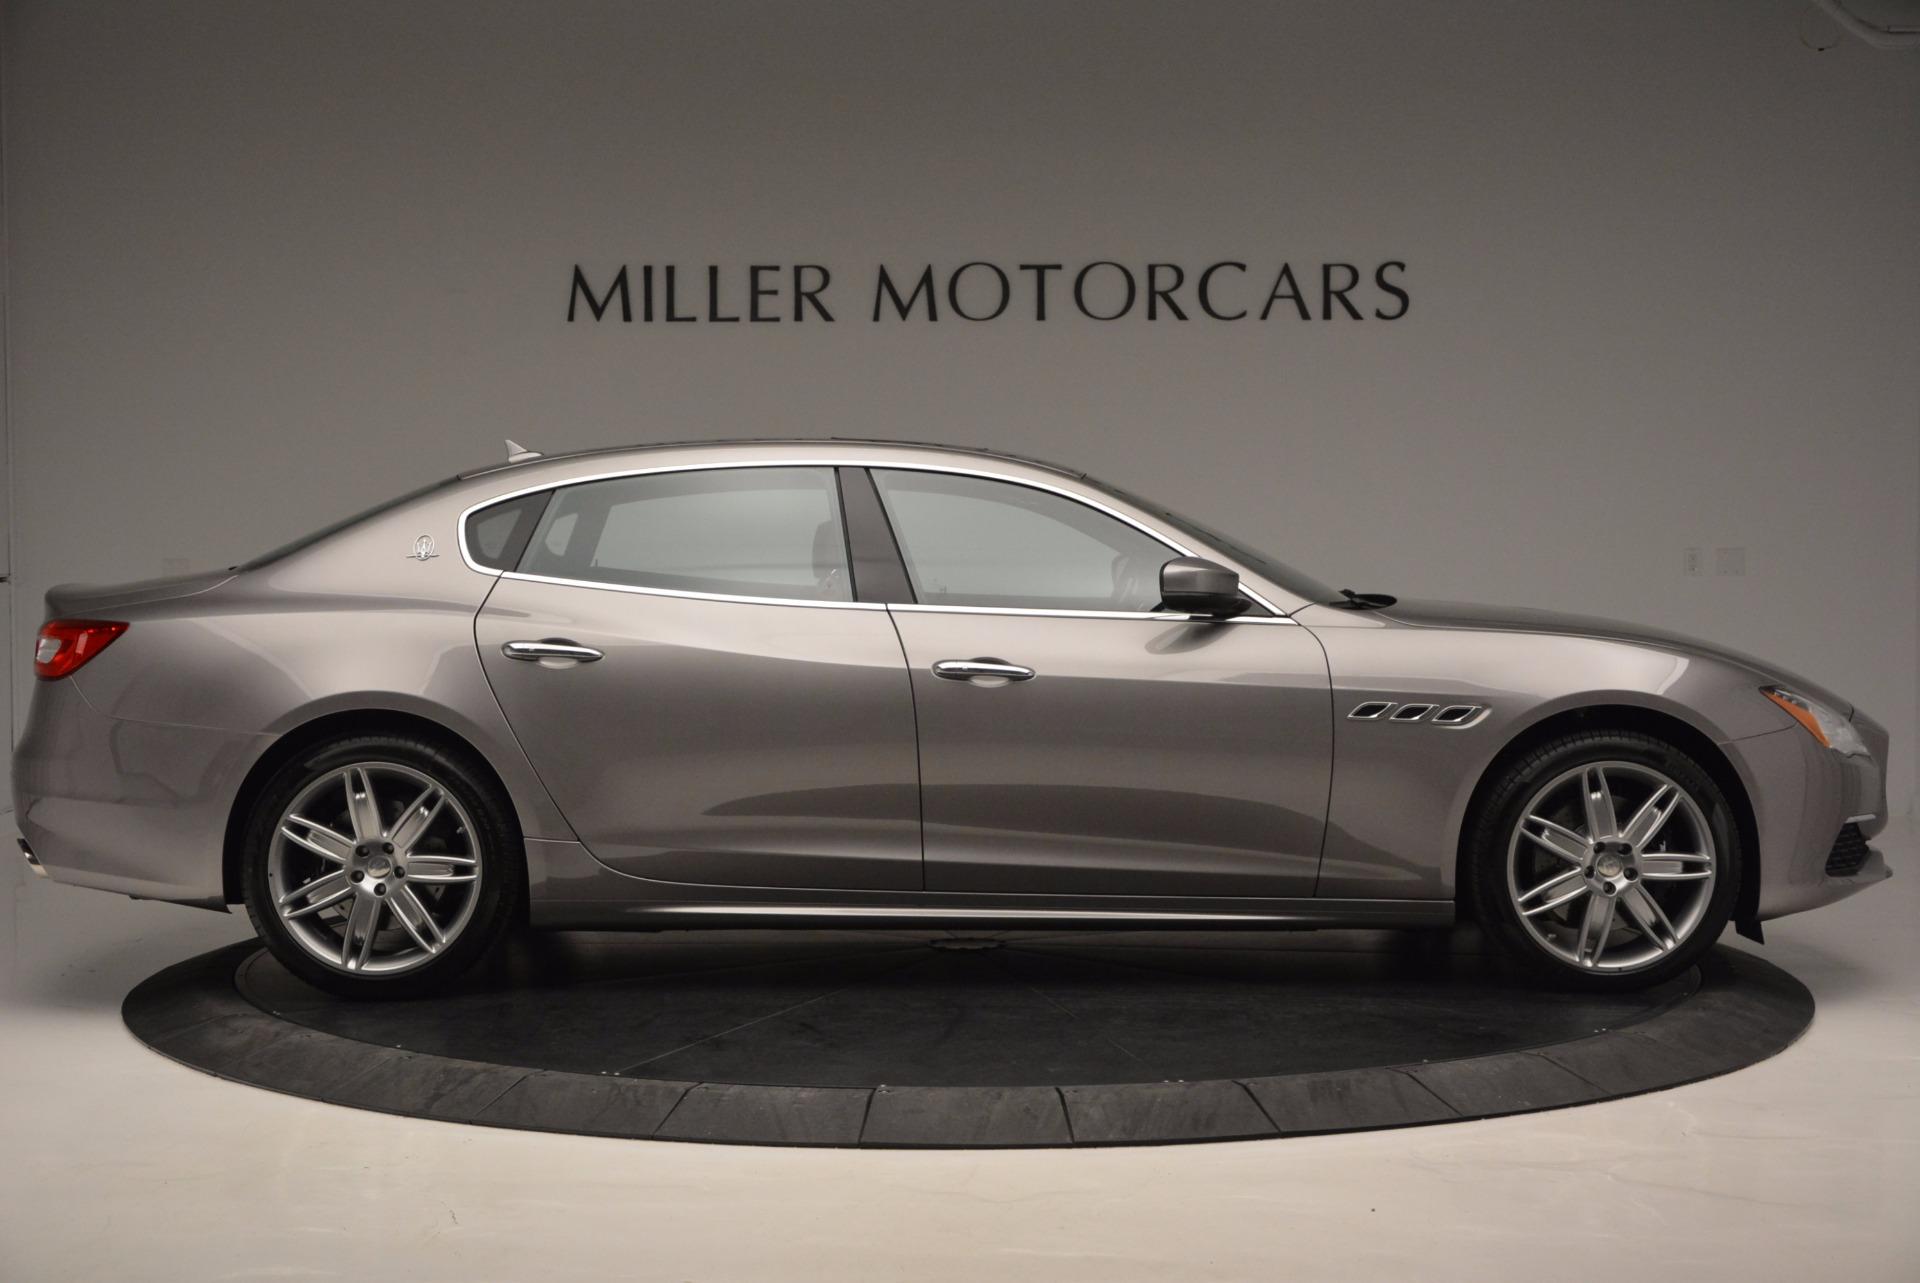 New 2017 Maserati Quattroporte S Q4 GranLusso For Sale In Westport, CT 1266_p9